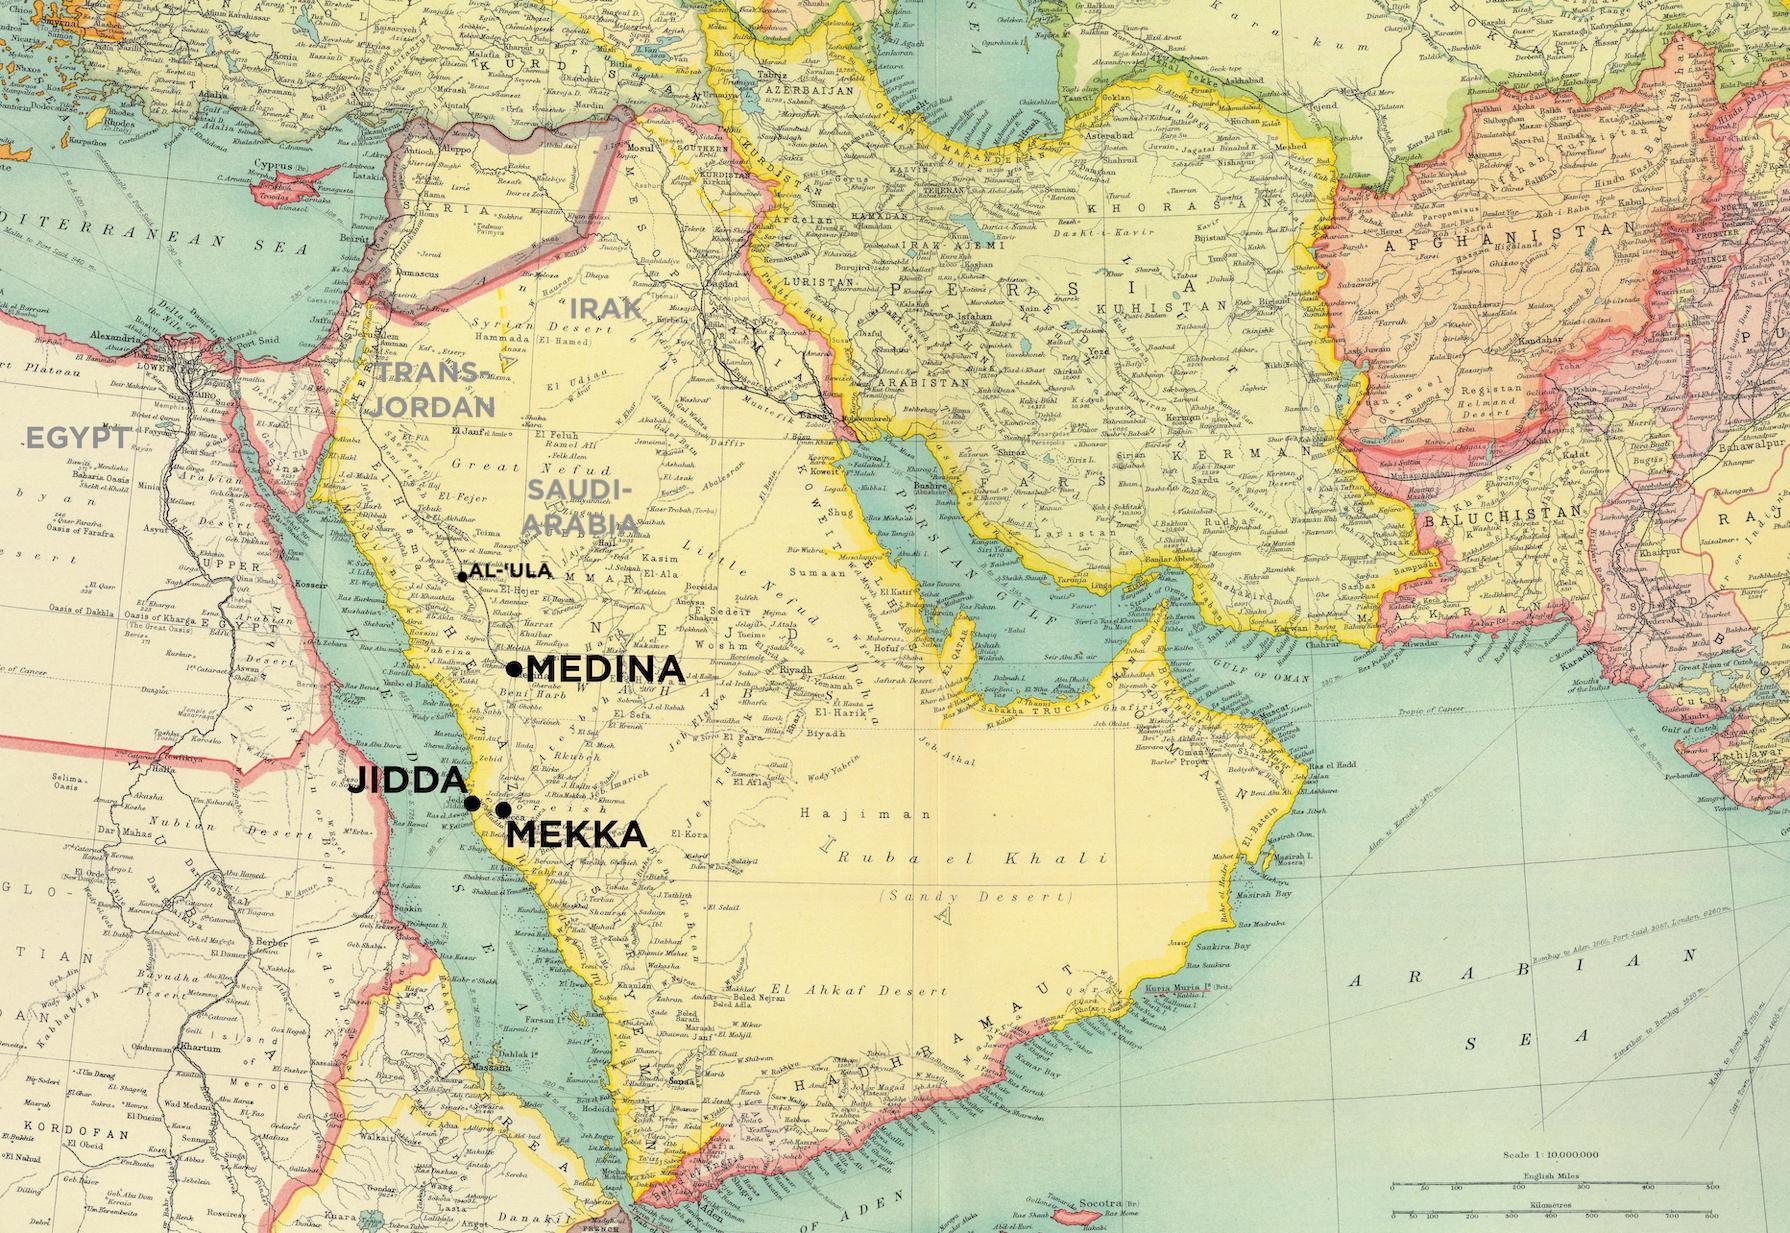 Kart frå 1922 ( The Times Atlas of the World )